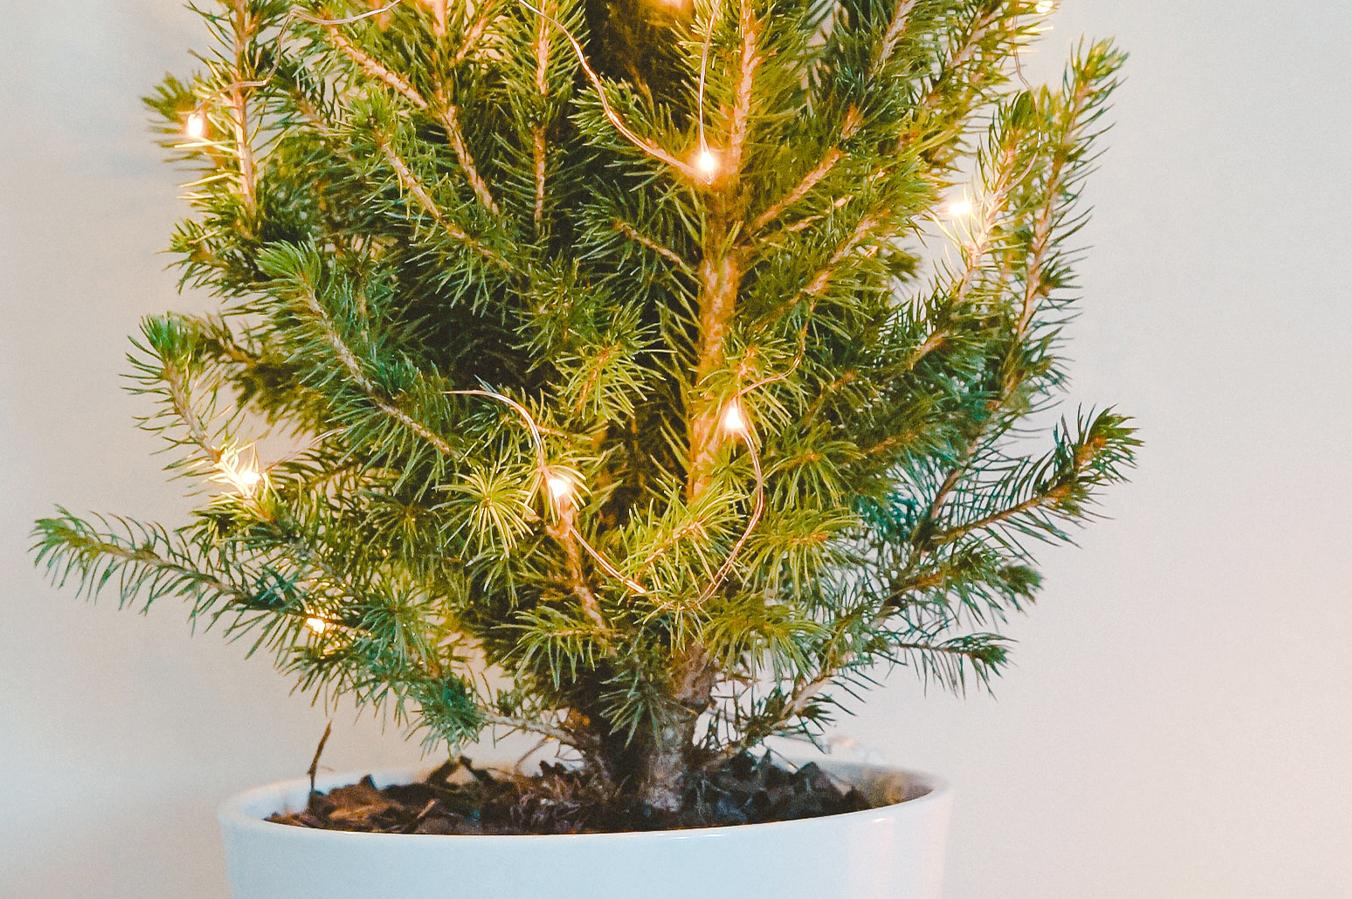 Jaký vánoční stromeček je skutečně zelený?